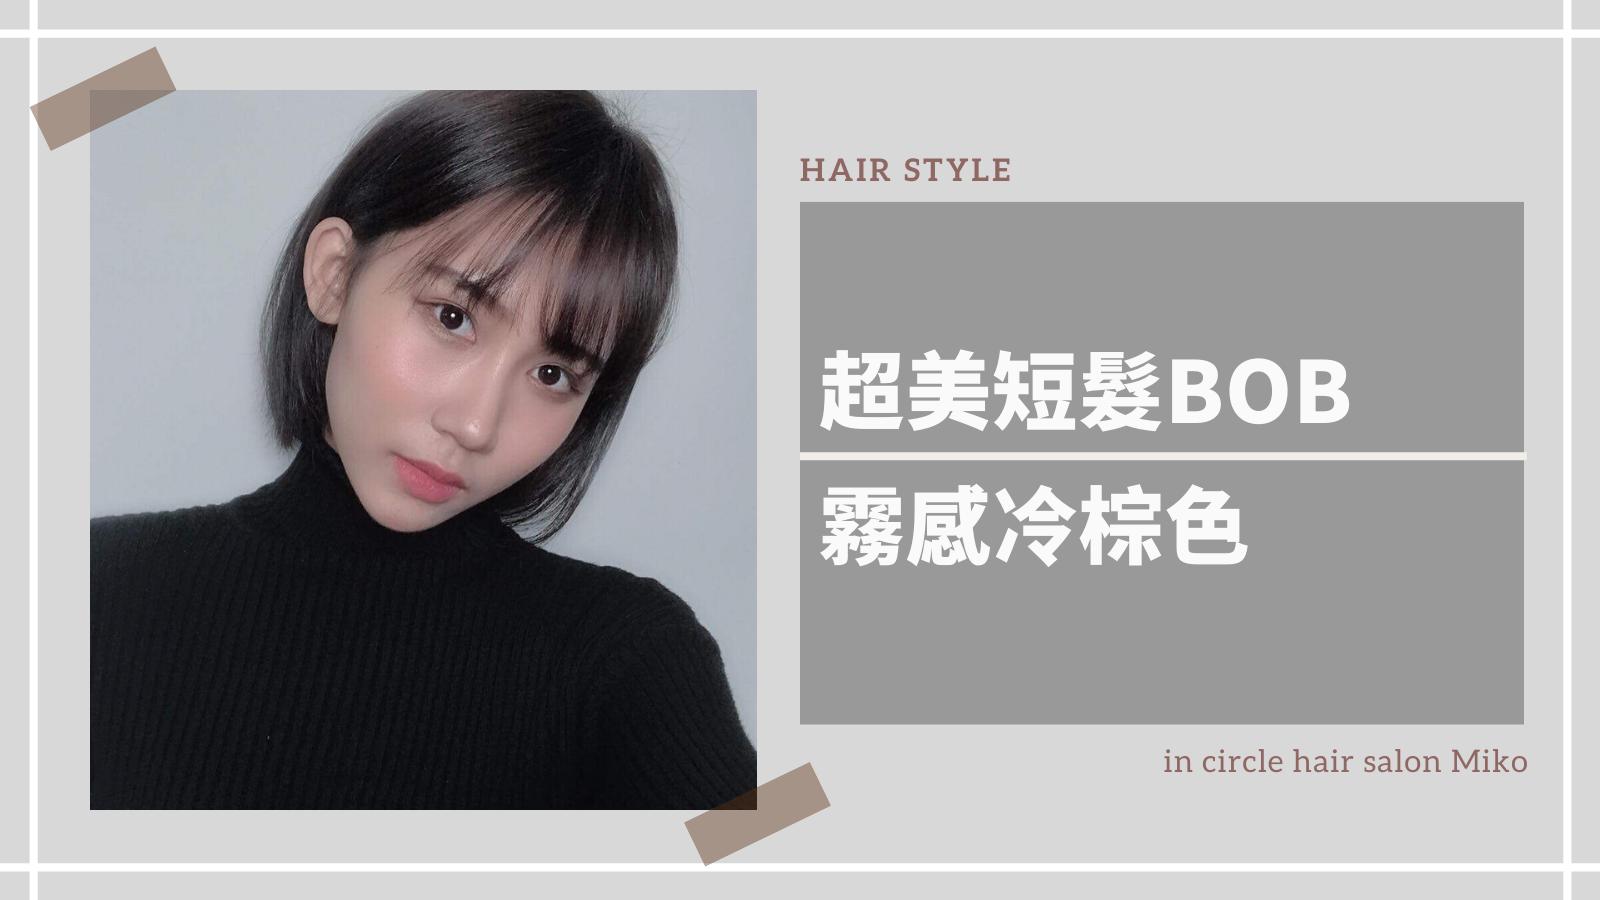 短髮控必看!超美短髮BOB搭配霧感冷棕色選對髮型,完美修飾臉型!